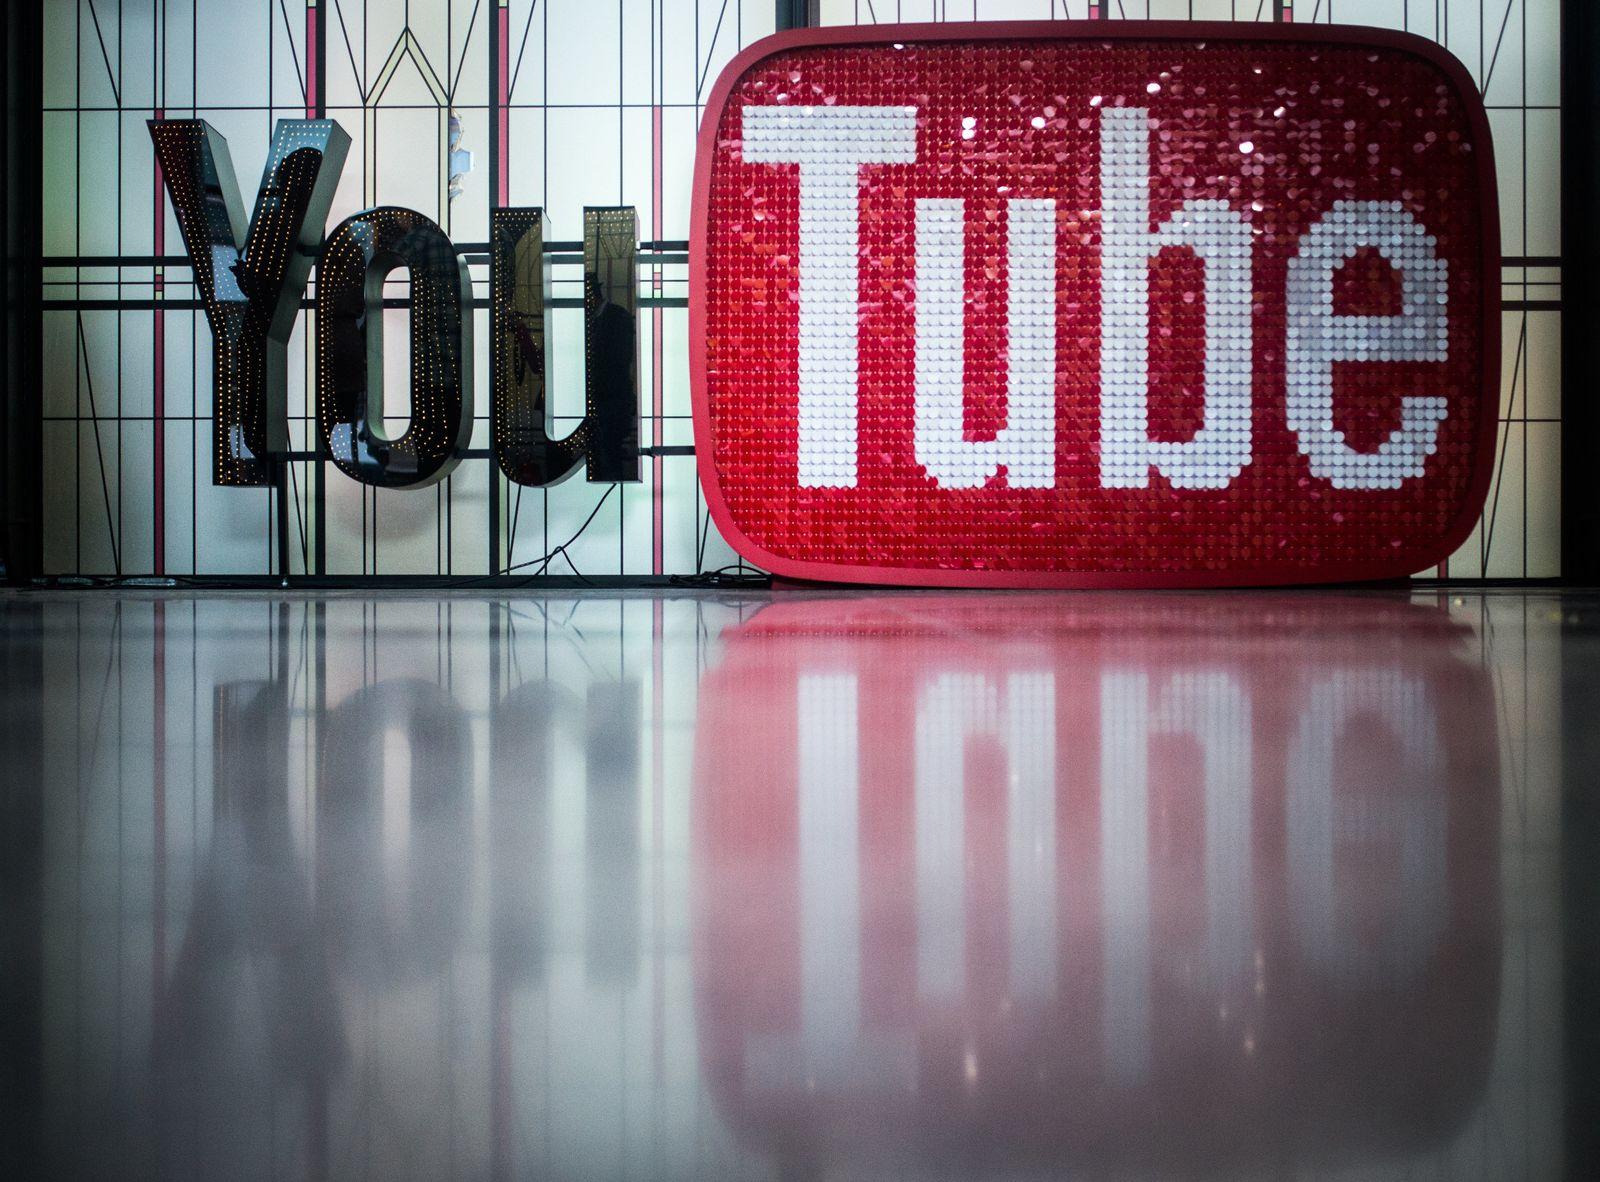 Julien Bam verzeichnet die meisten Abrufe auf YouTube